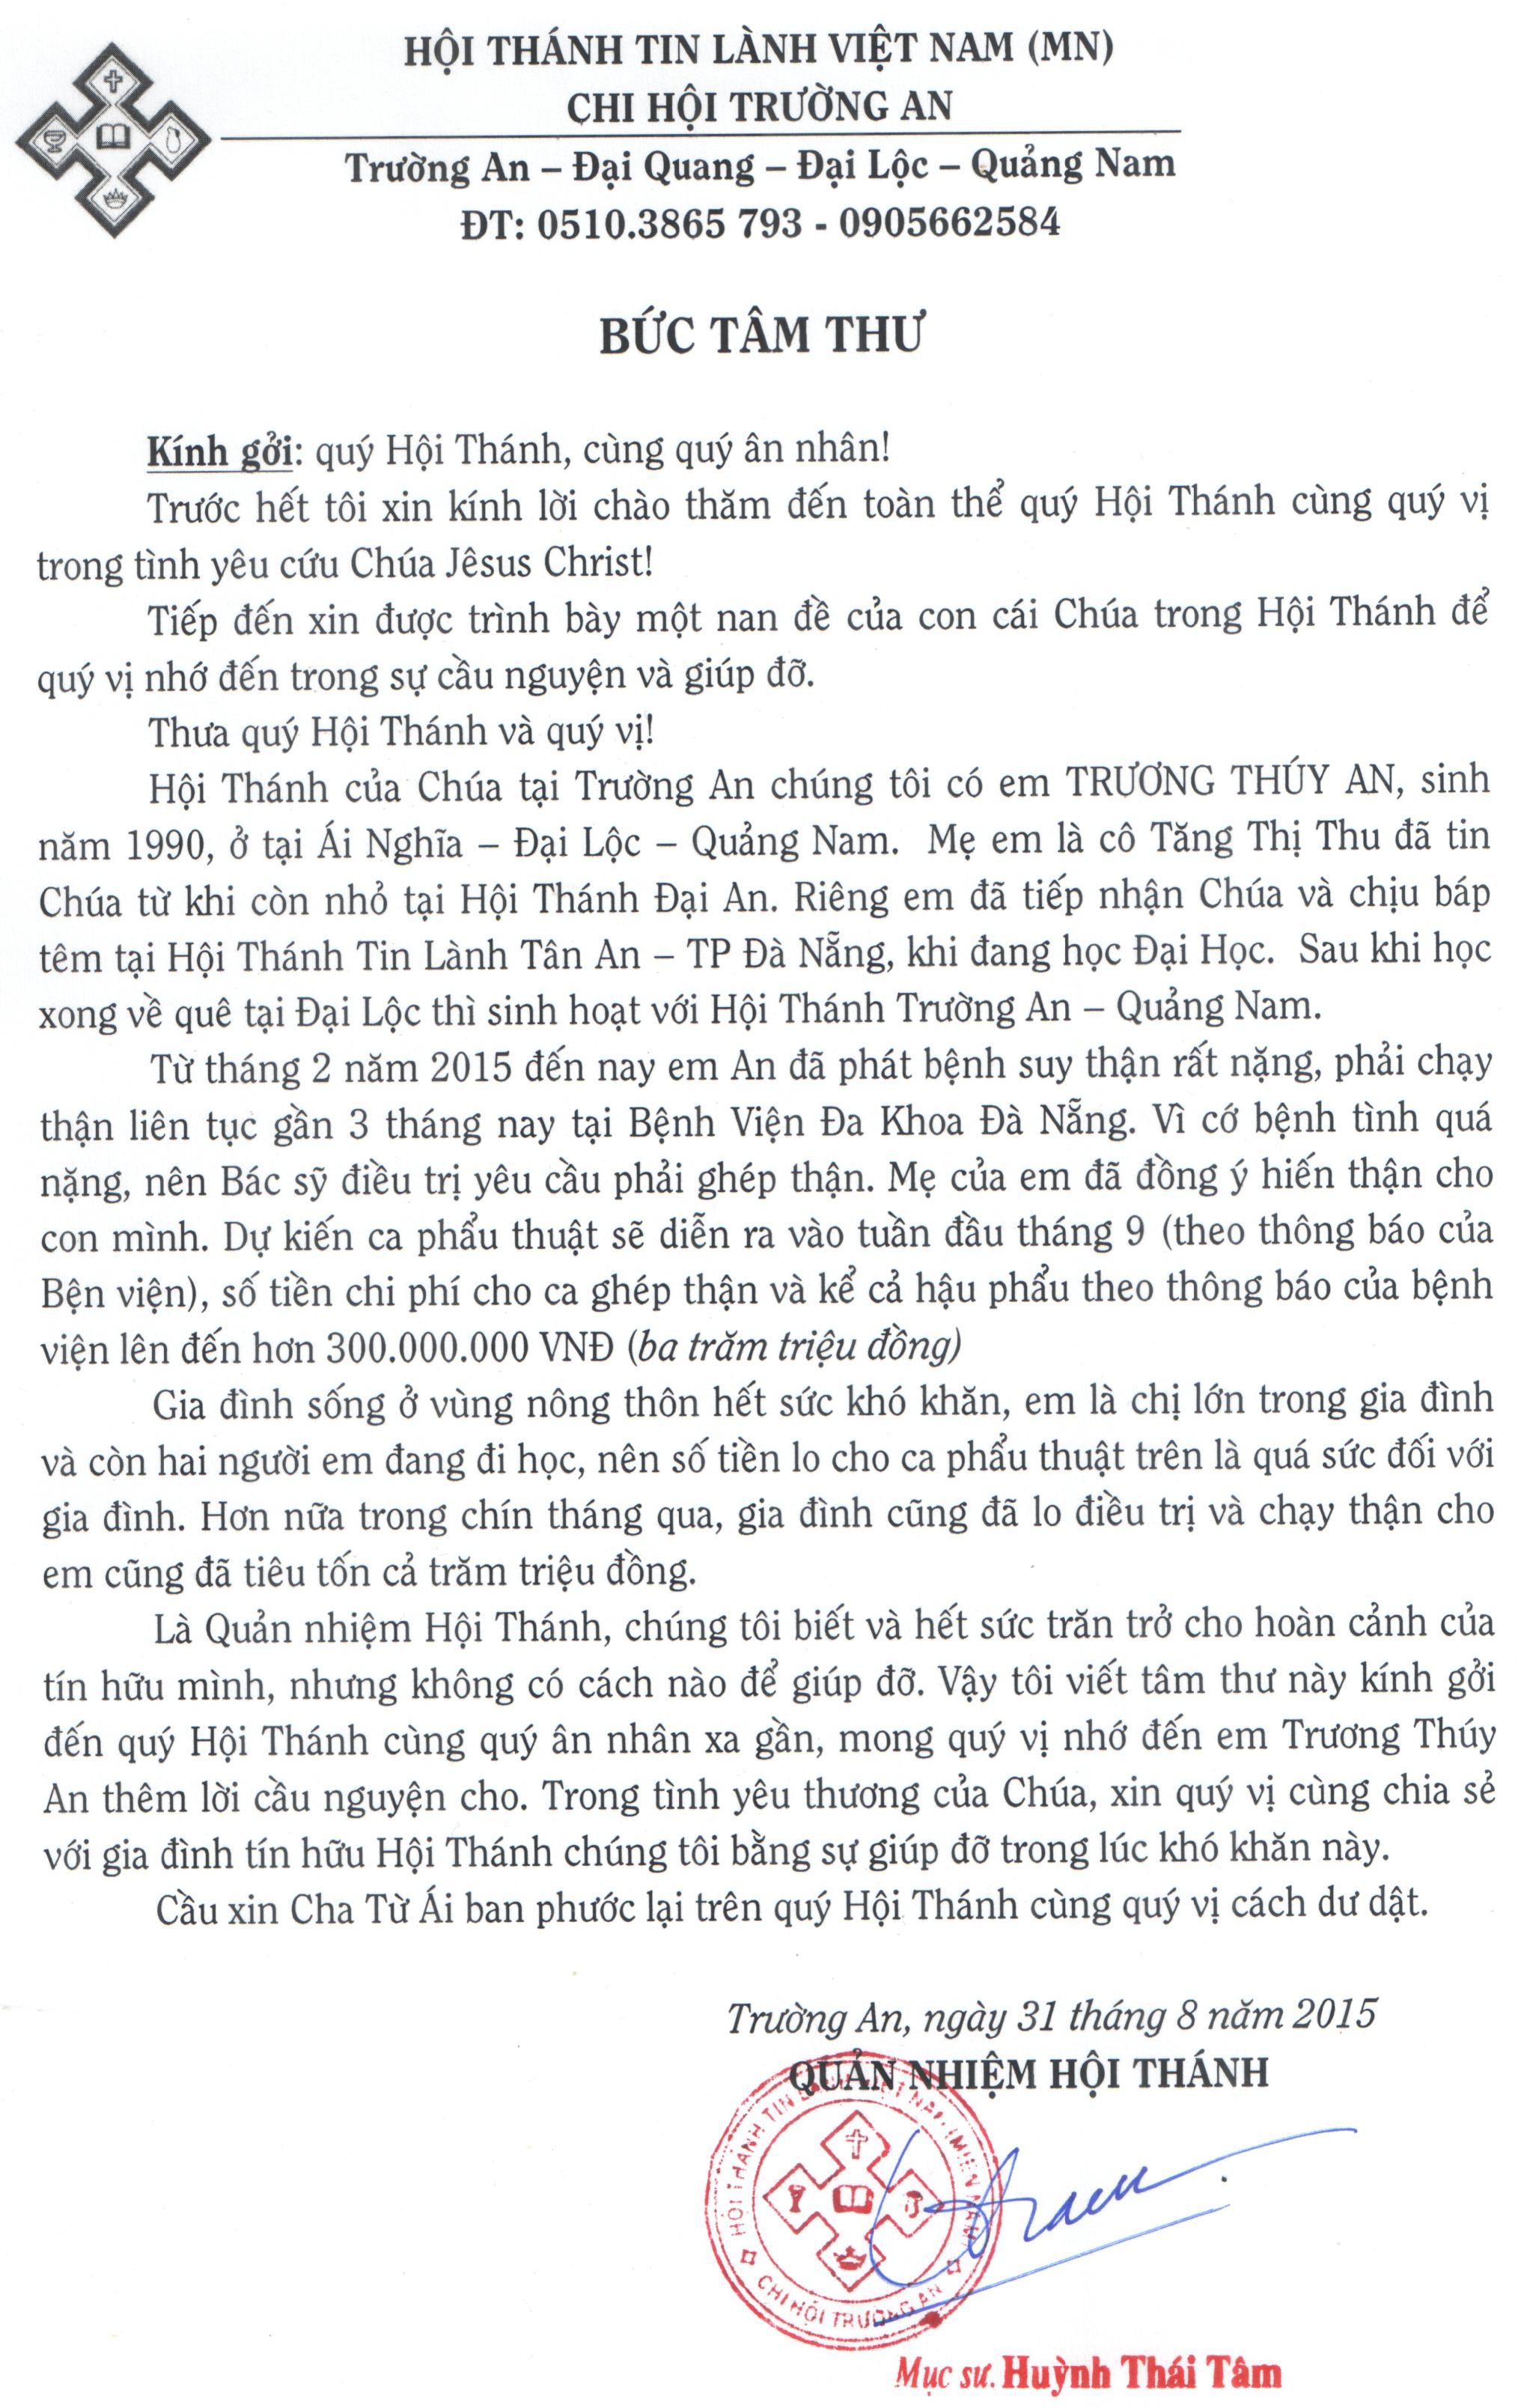 Tam thu. An